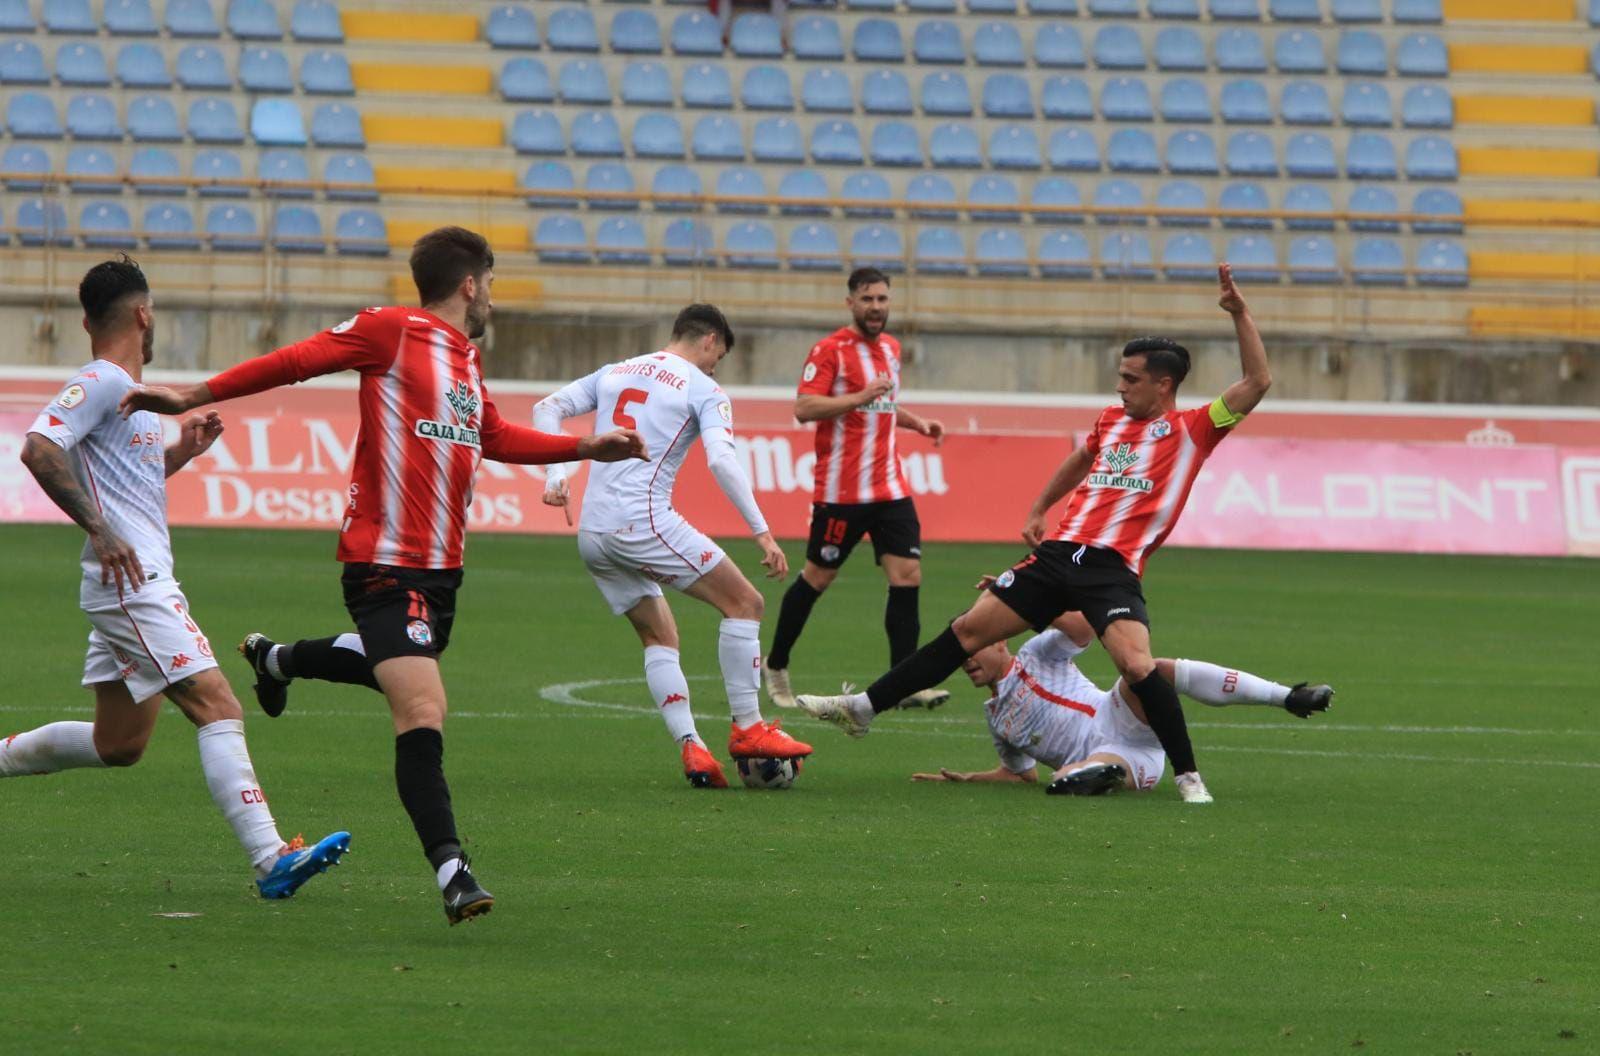 GALERÍA   Las mejores imágenes del partido Cultural Leonesa-Zamora CF (2-2)